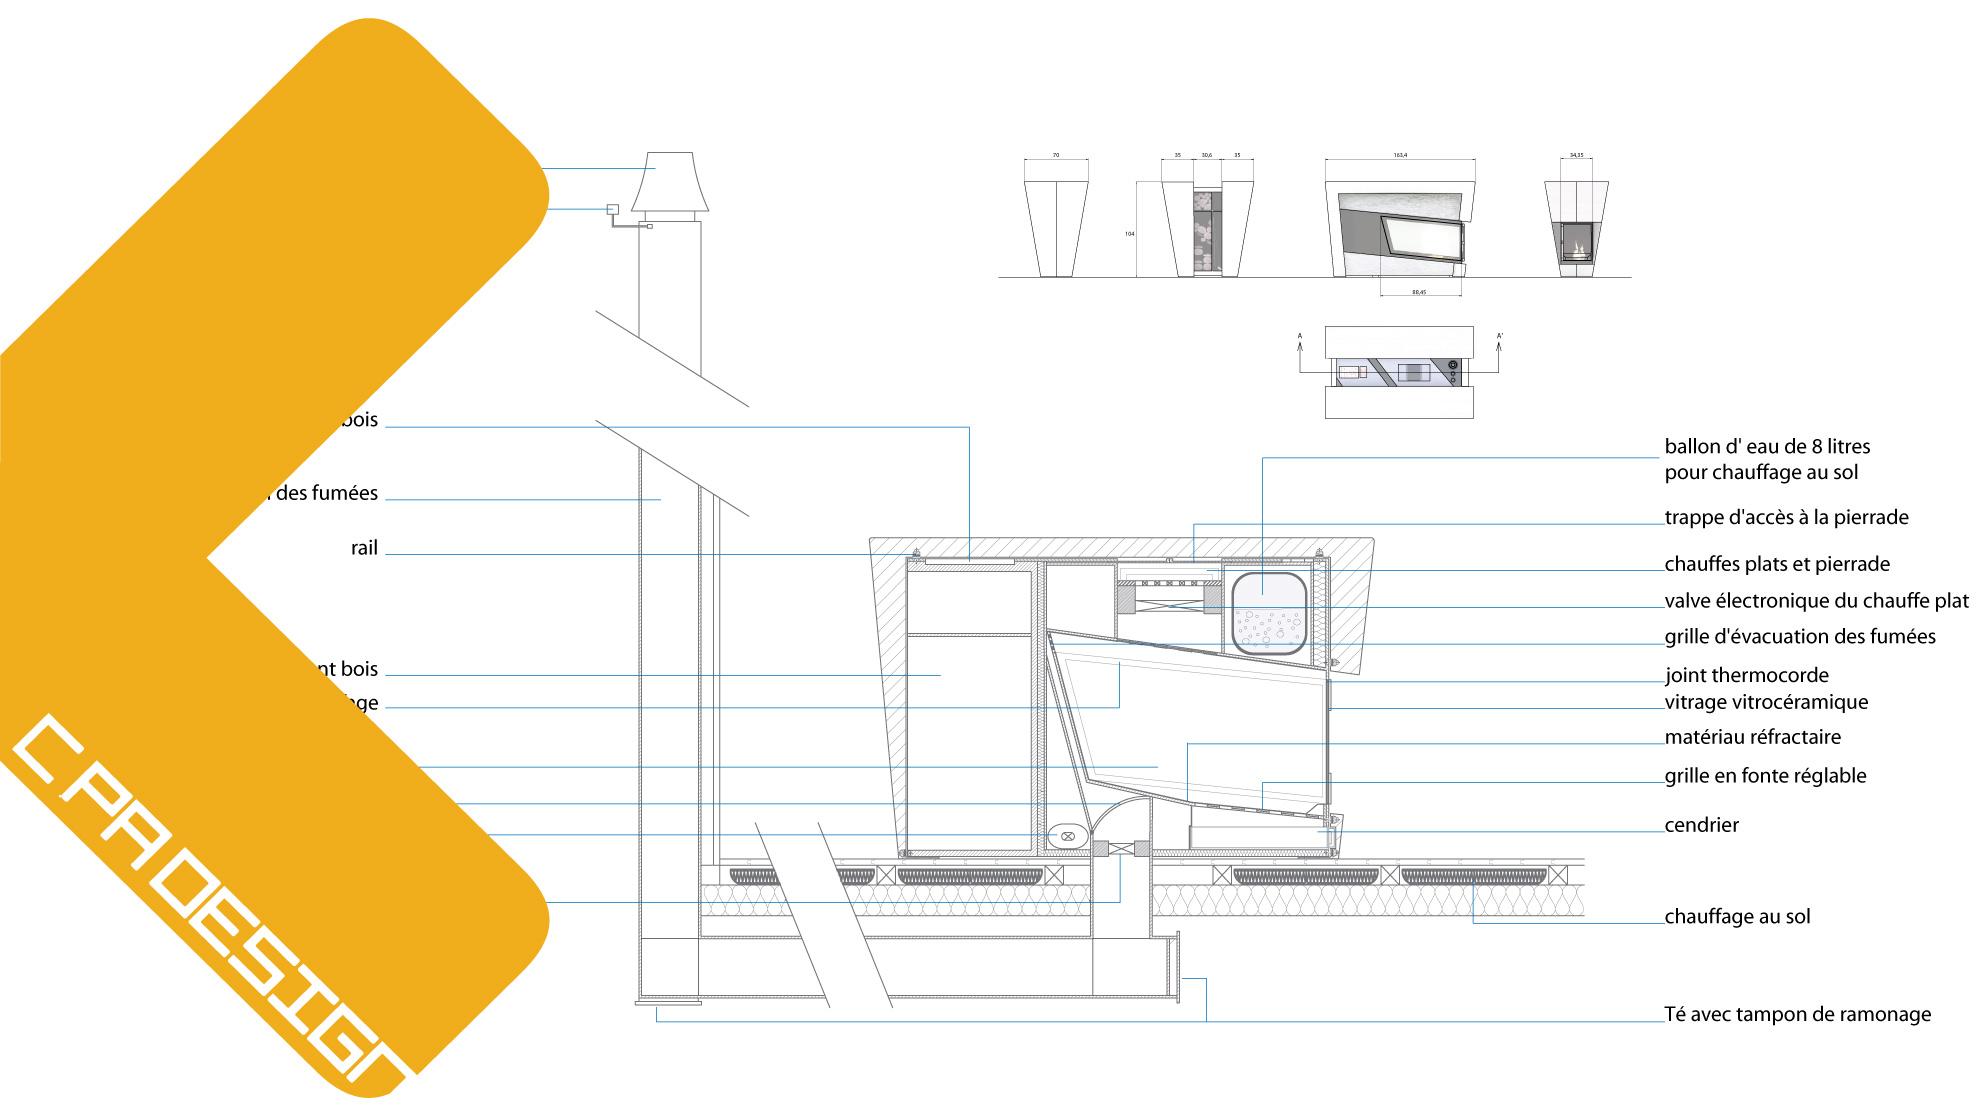 c_pa_design_produit_dessin-ergonomie-multi-fonction-technique